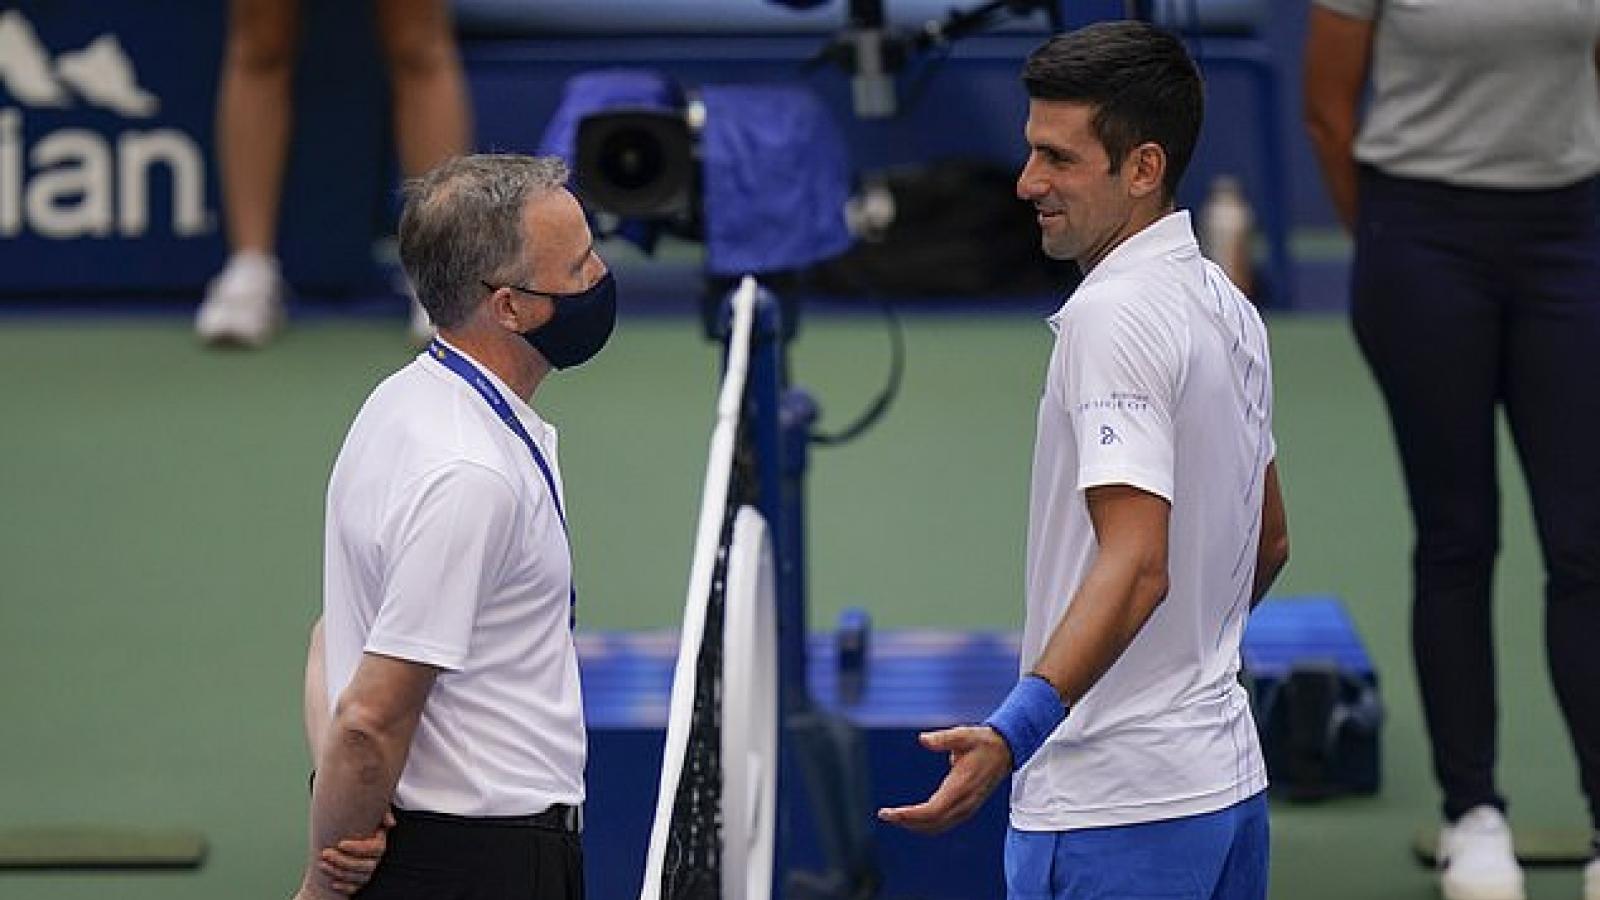 Đánh bóng trúng cổ trọng tài, Djokovic bị loại khỏi US Open